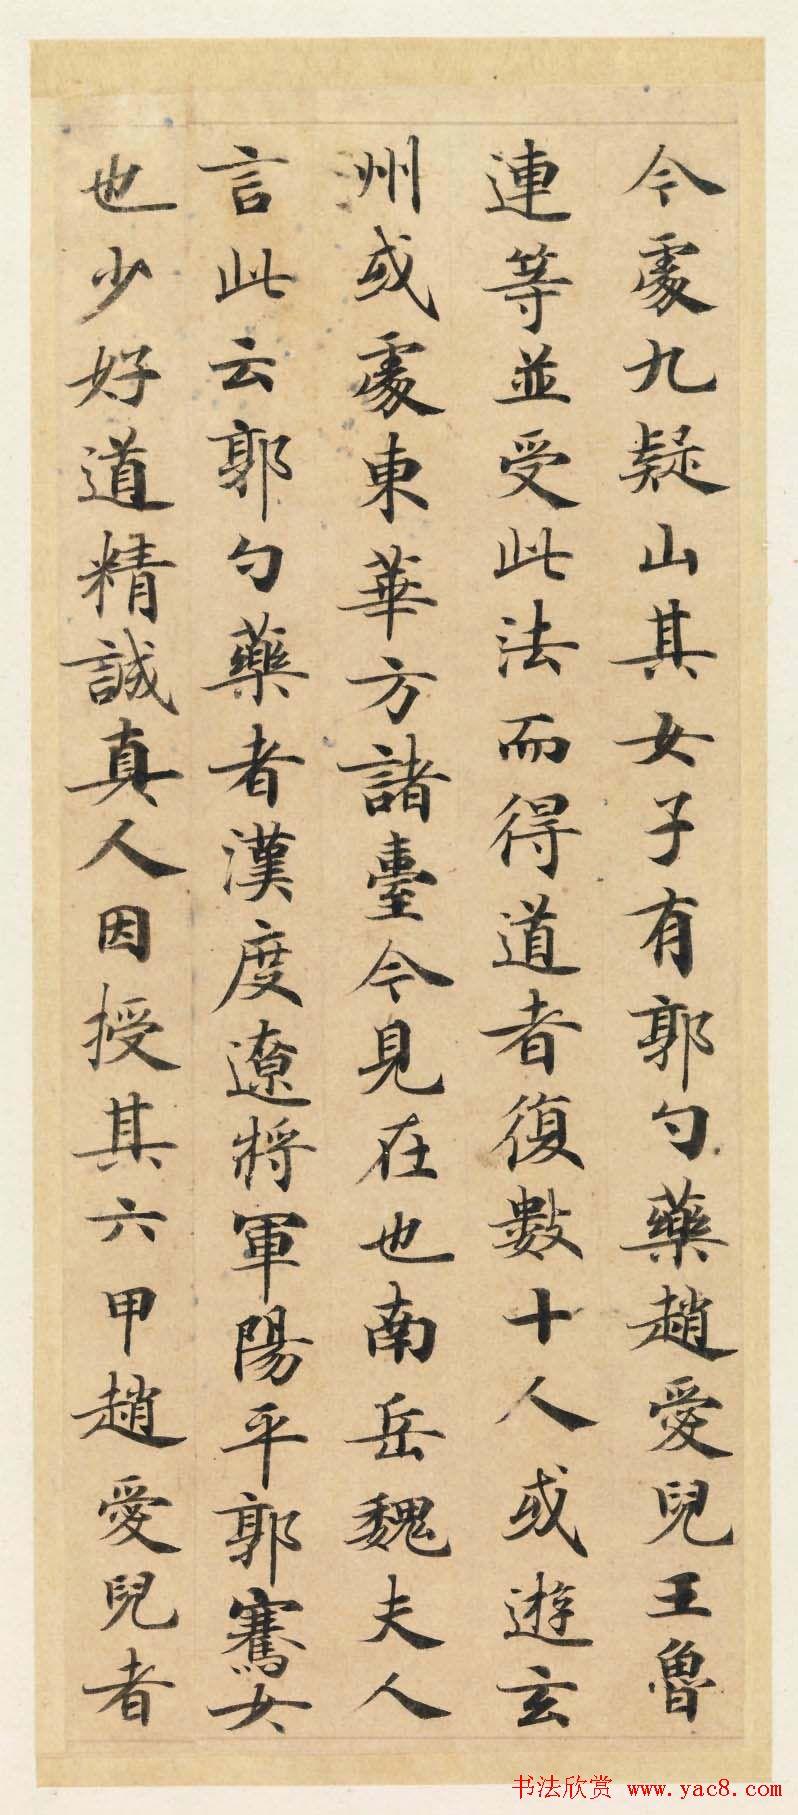 学习小楷范本唐代著名小楷《灵飞经》43行墨迹本